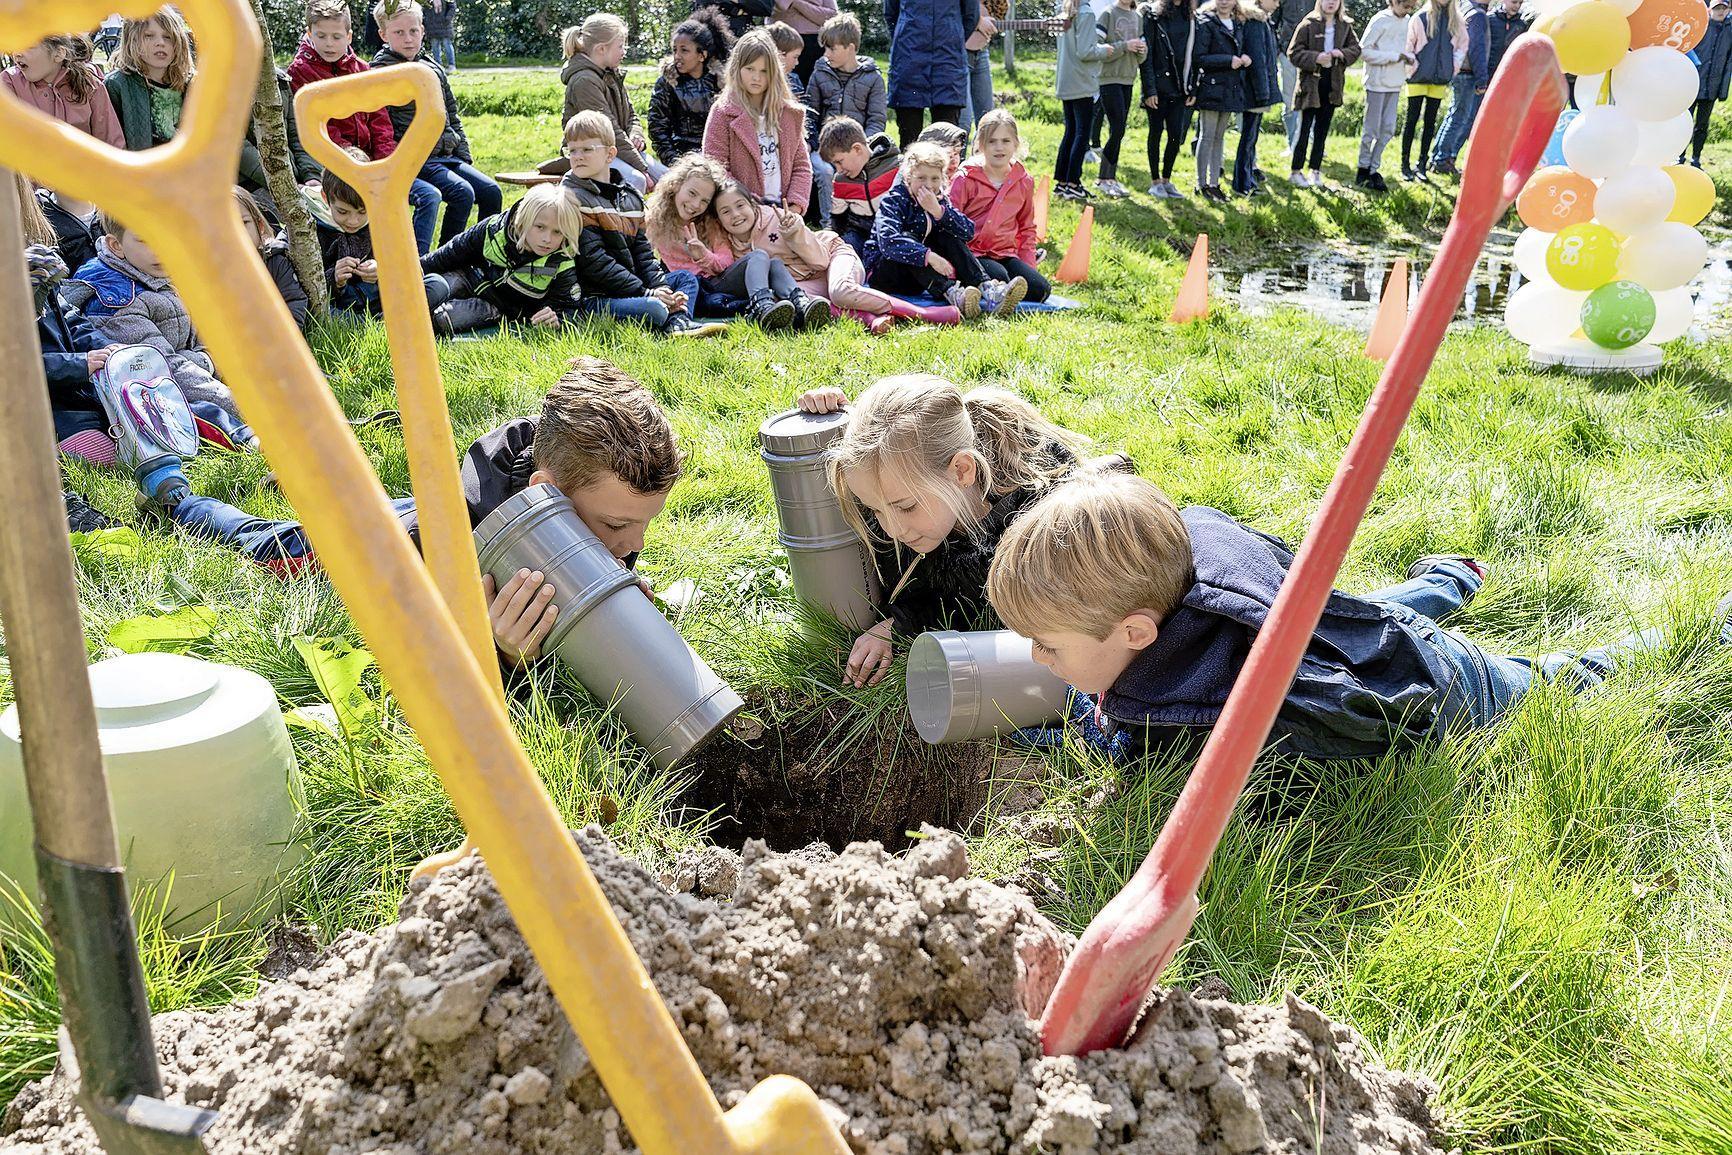 Leerlingen van basisschool in Schoorl begraven tijdscapsules voor de leerlingen van de toekomst. Want ook dan staat de school er nog in het vergrijzende dorp: 'Krimp is niet gekomen'